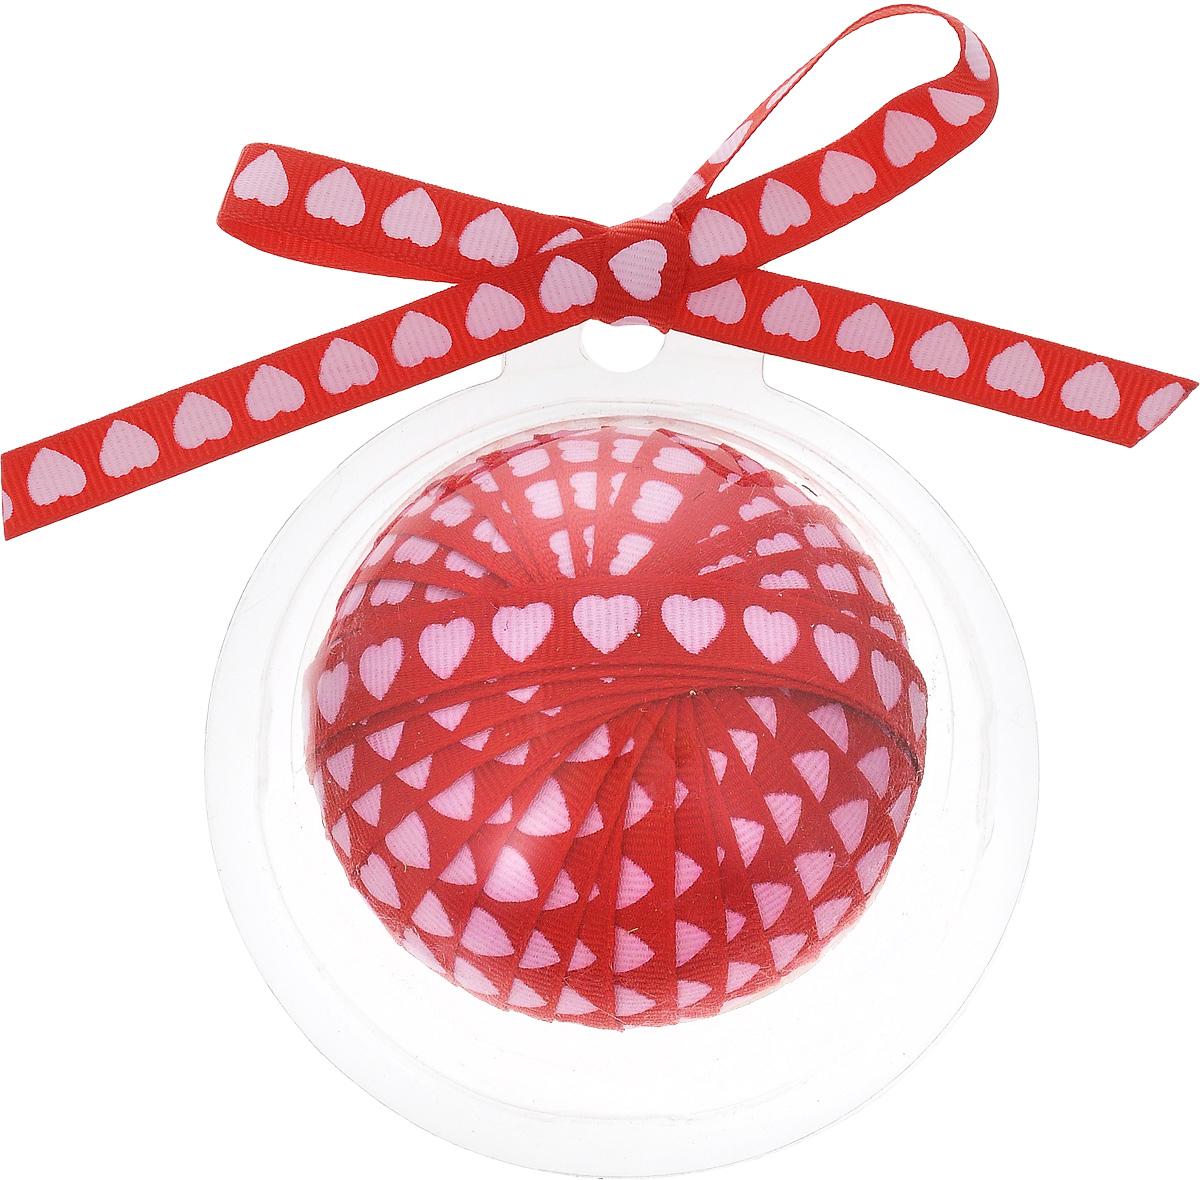 Лента новогодняя Winter Wings, цвет: красный, светло-розовый, 1 см х 3 мKT002AДекоративная лента Winter Wings выполнена из полиэстера. Она предназначена для оформления подарочных коробок, пакетов. Кроме того, декоративная лента с успехом применяется для художественного оформления витрин, праздничного оформления помещений, изготовления искусственных цветов. Декоративная лента украсит интерьер вашего дома к праздникам.Ширина ленты: 1 см.